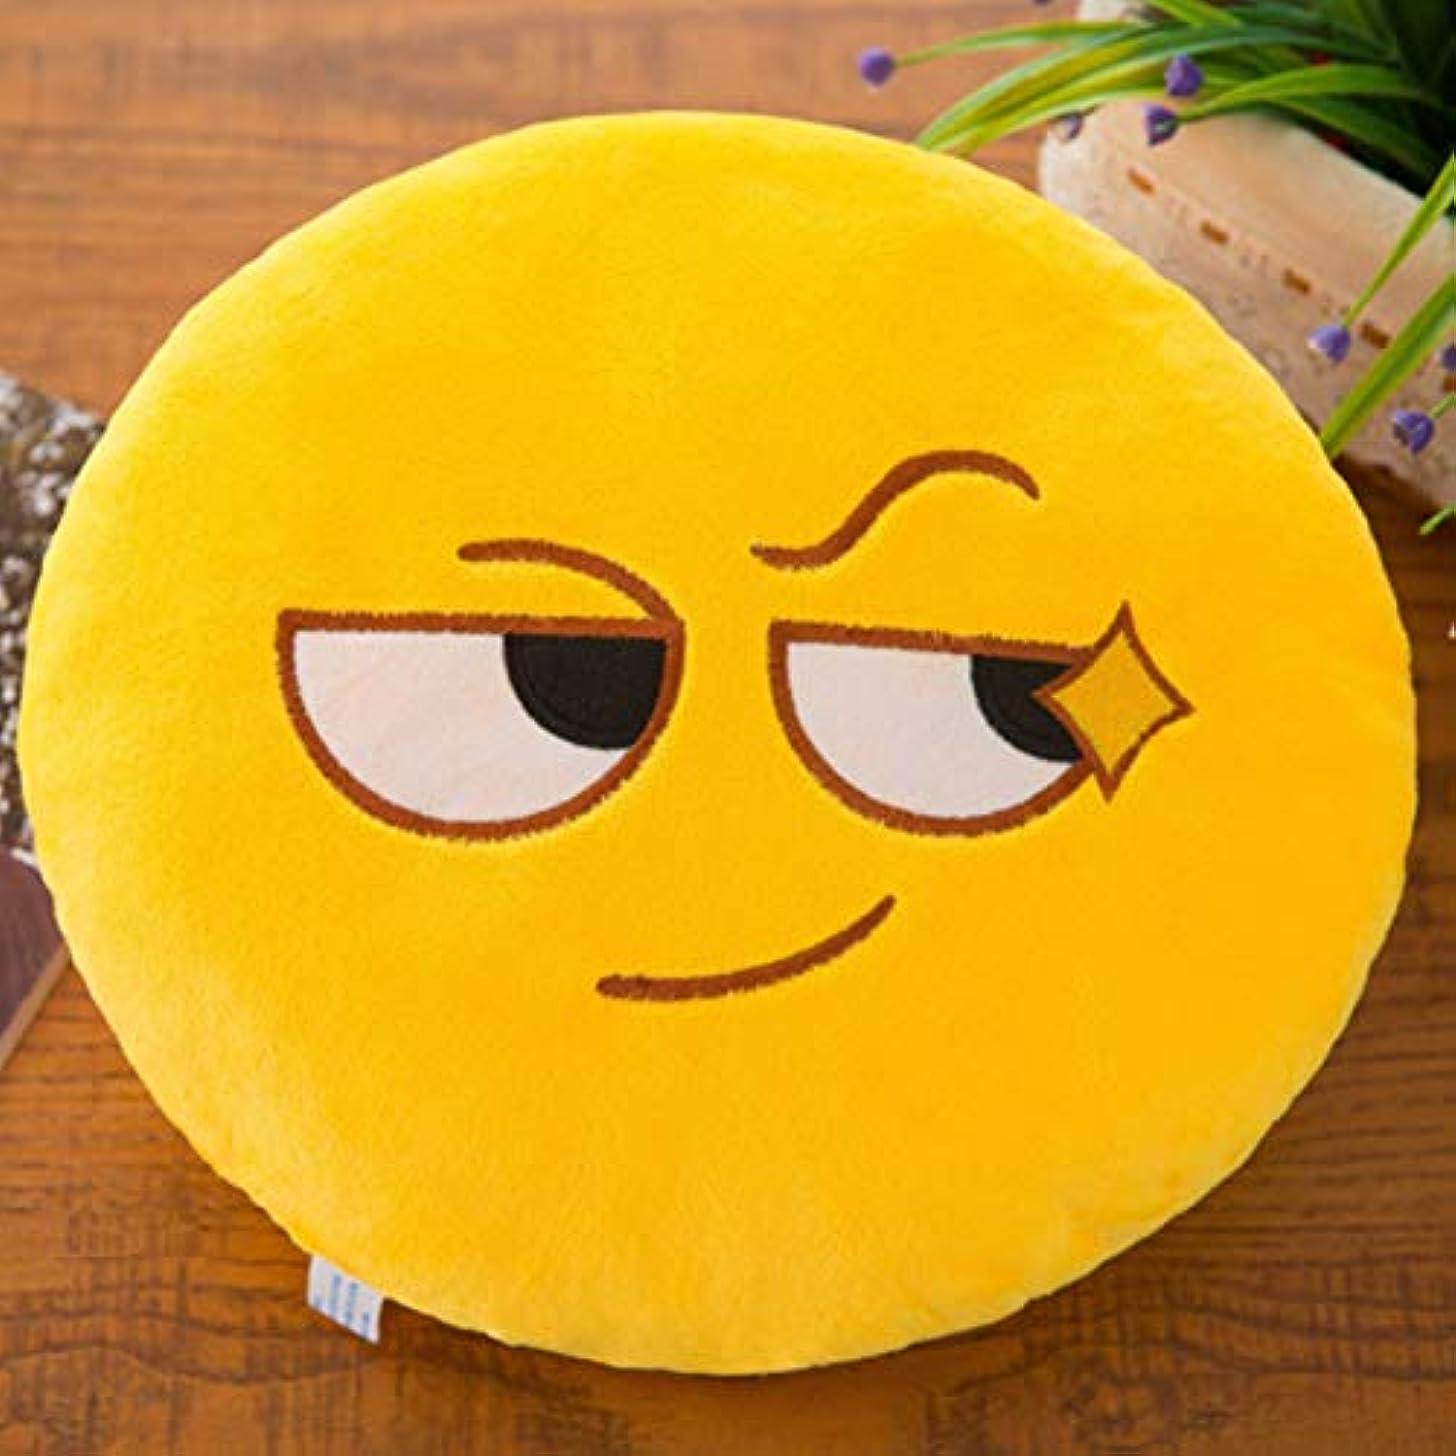 努力パスタ染色LIFE 40 センチメートルスマイル絵文字枕ソフトぬいぐるみ絵文字ラウンドクッション家の装飾かわいい漫画のおもちゃの人形装飾枕ドロップ船 クッション 椅子